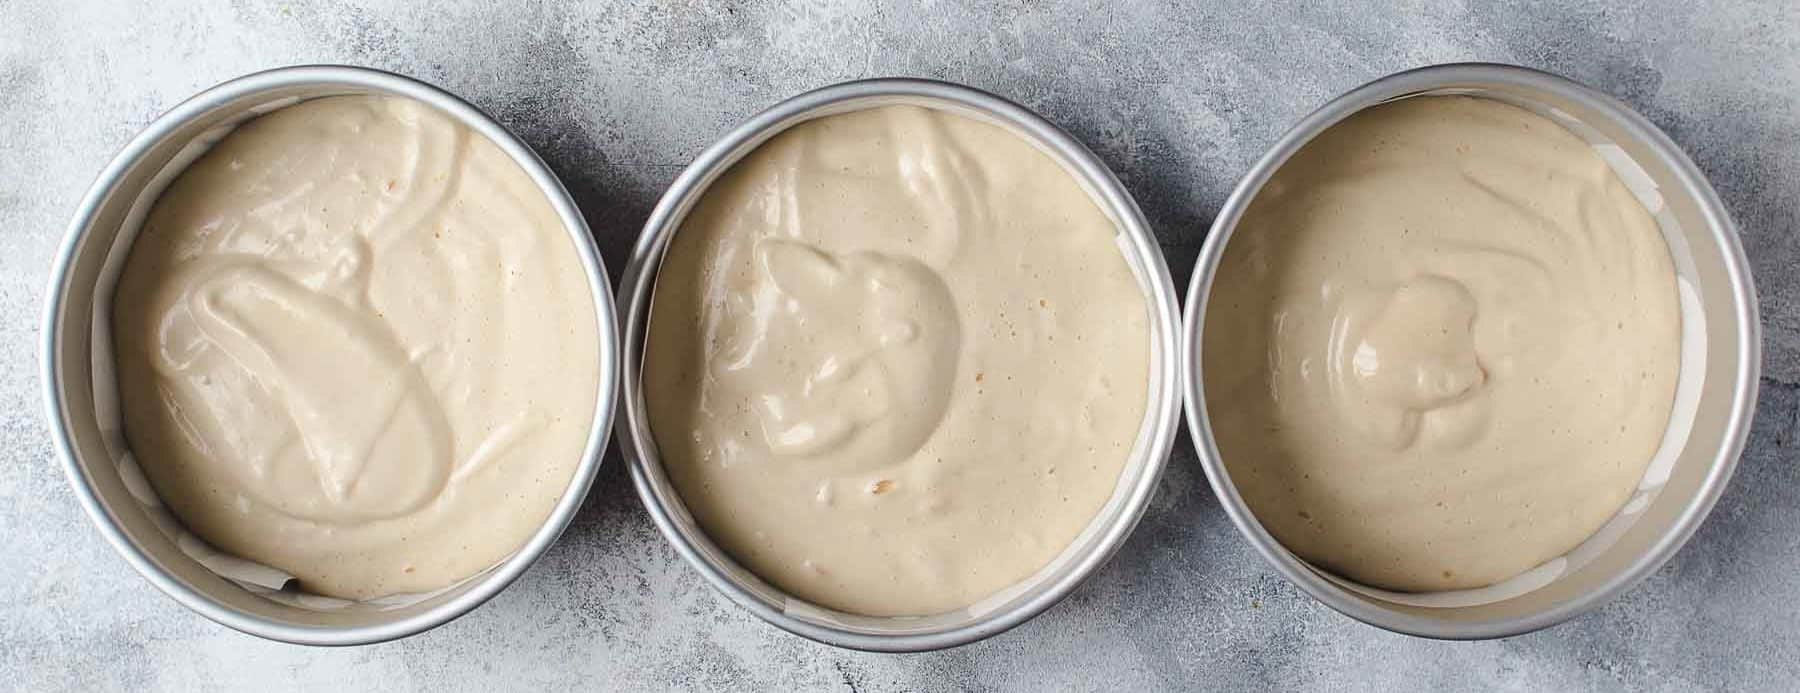 Cake batter in baking pans